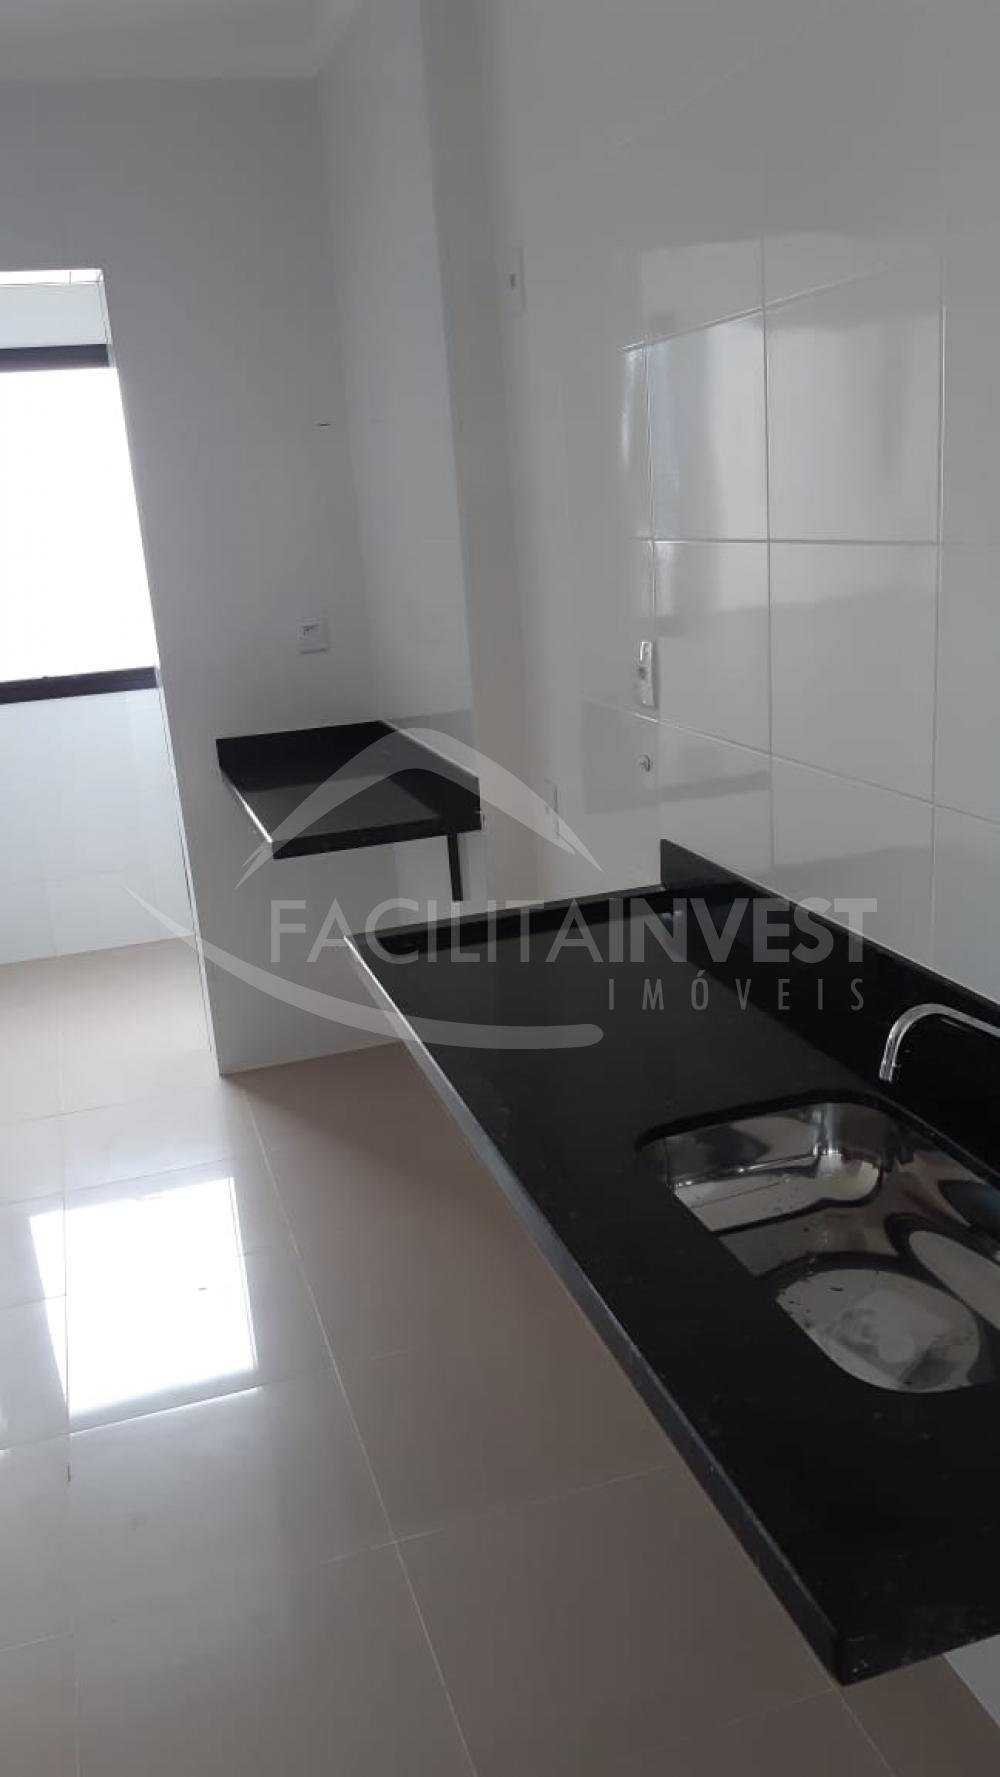 Comprar Apartamentos / Apart. Padrão em Ribeirão Preto apenas R$ 249.000,00 - Foto 19